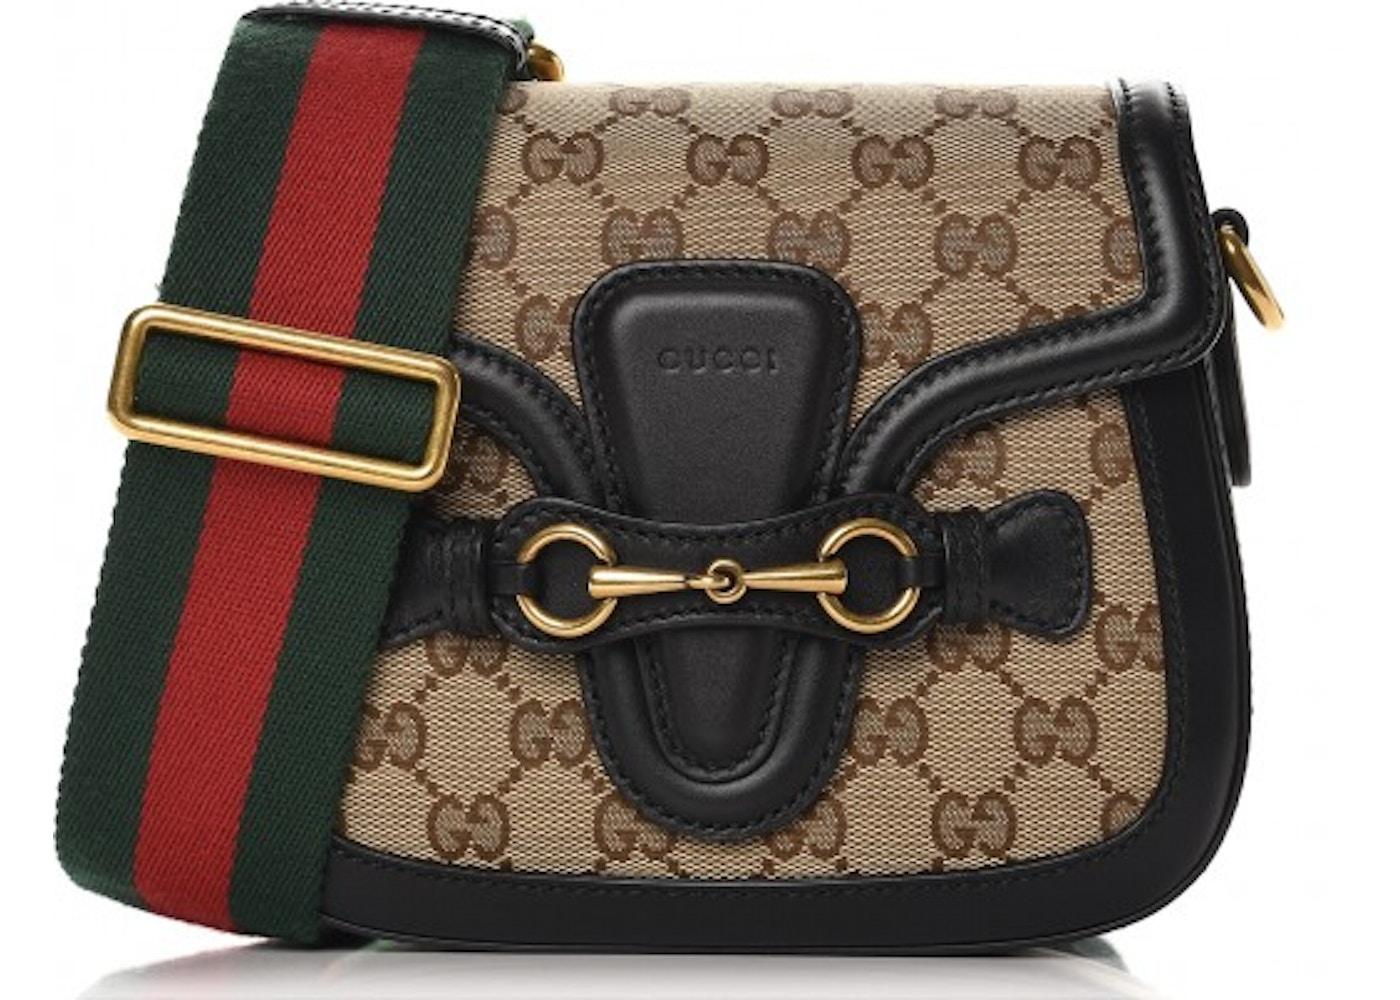 fb6bde7e414 Gucci Lady Web Monogram GG Small Black. Monogram GG Small Black